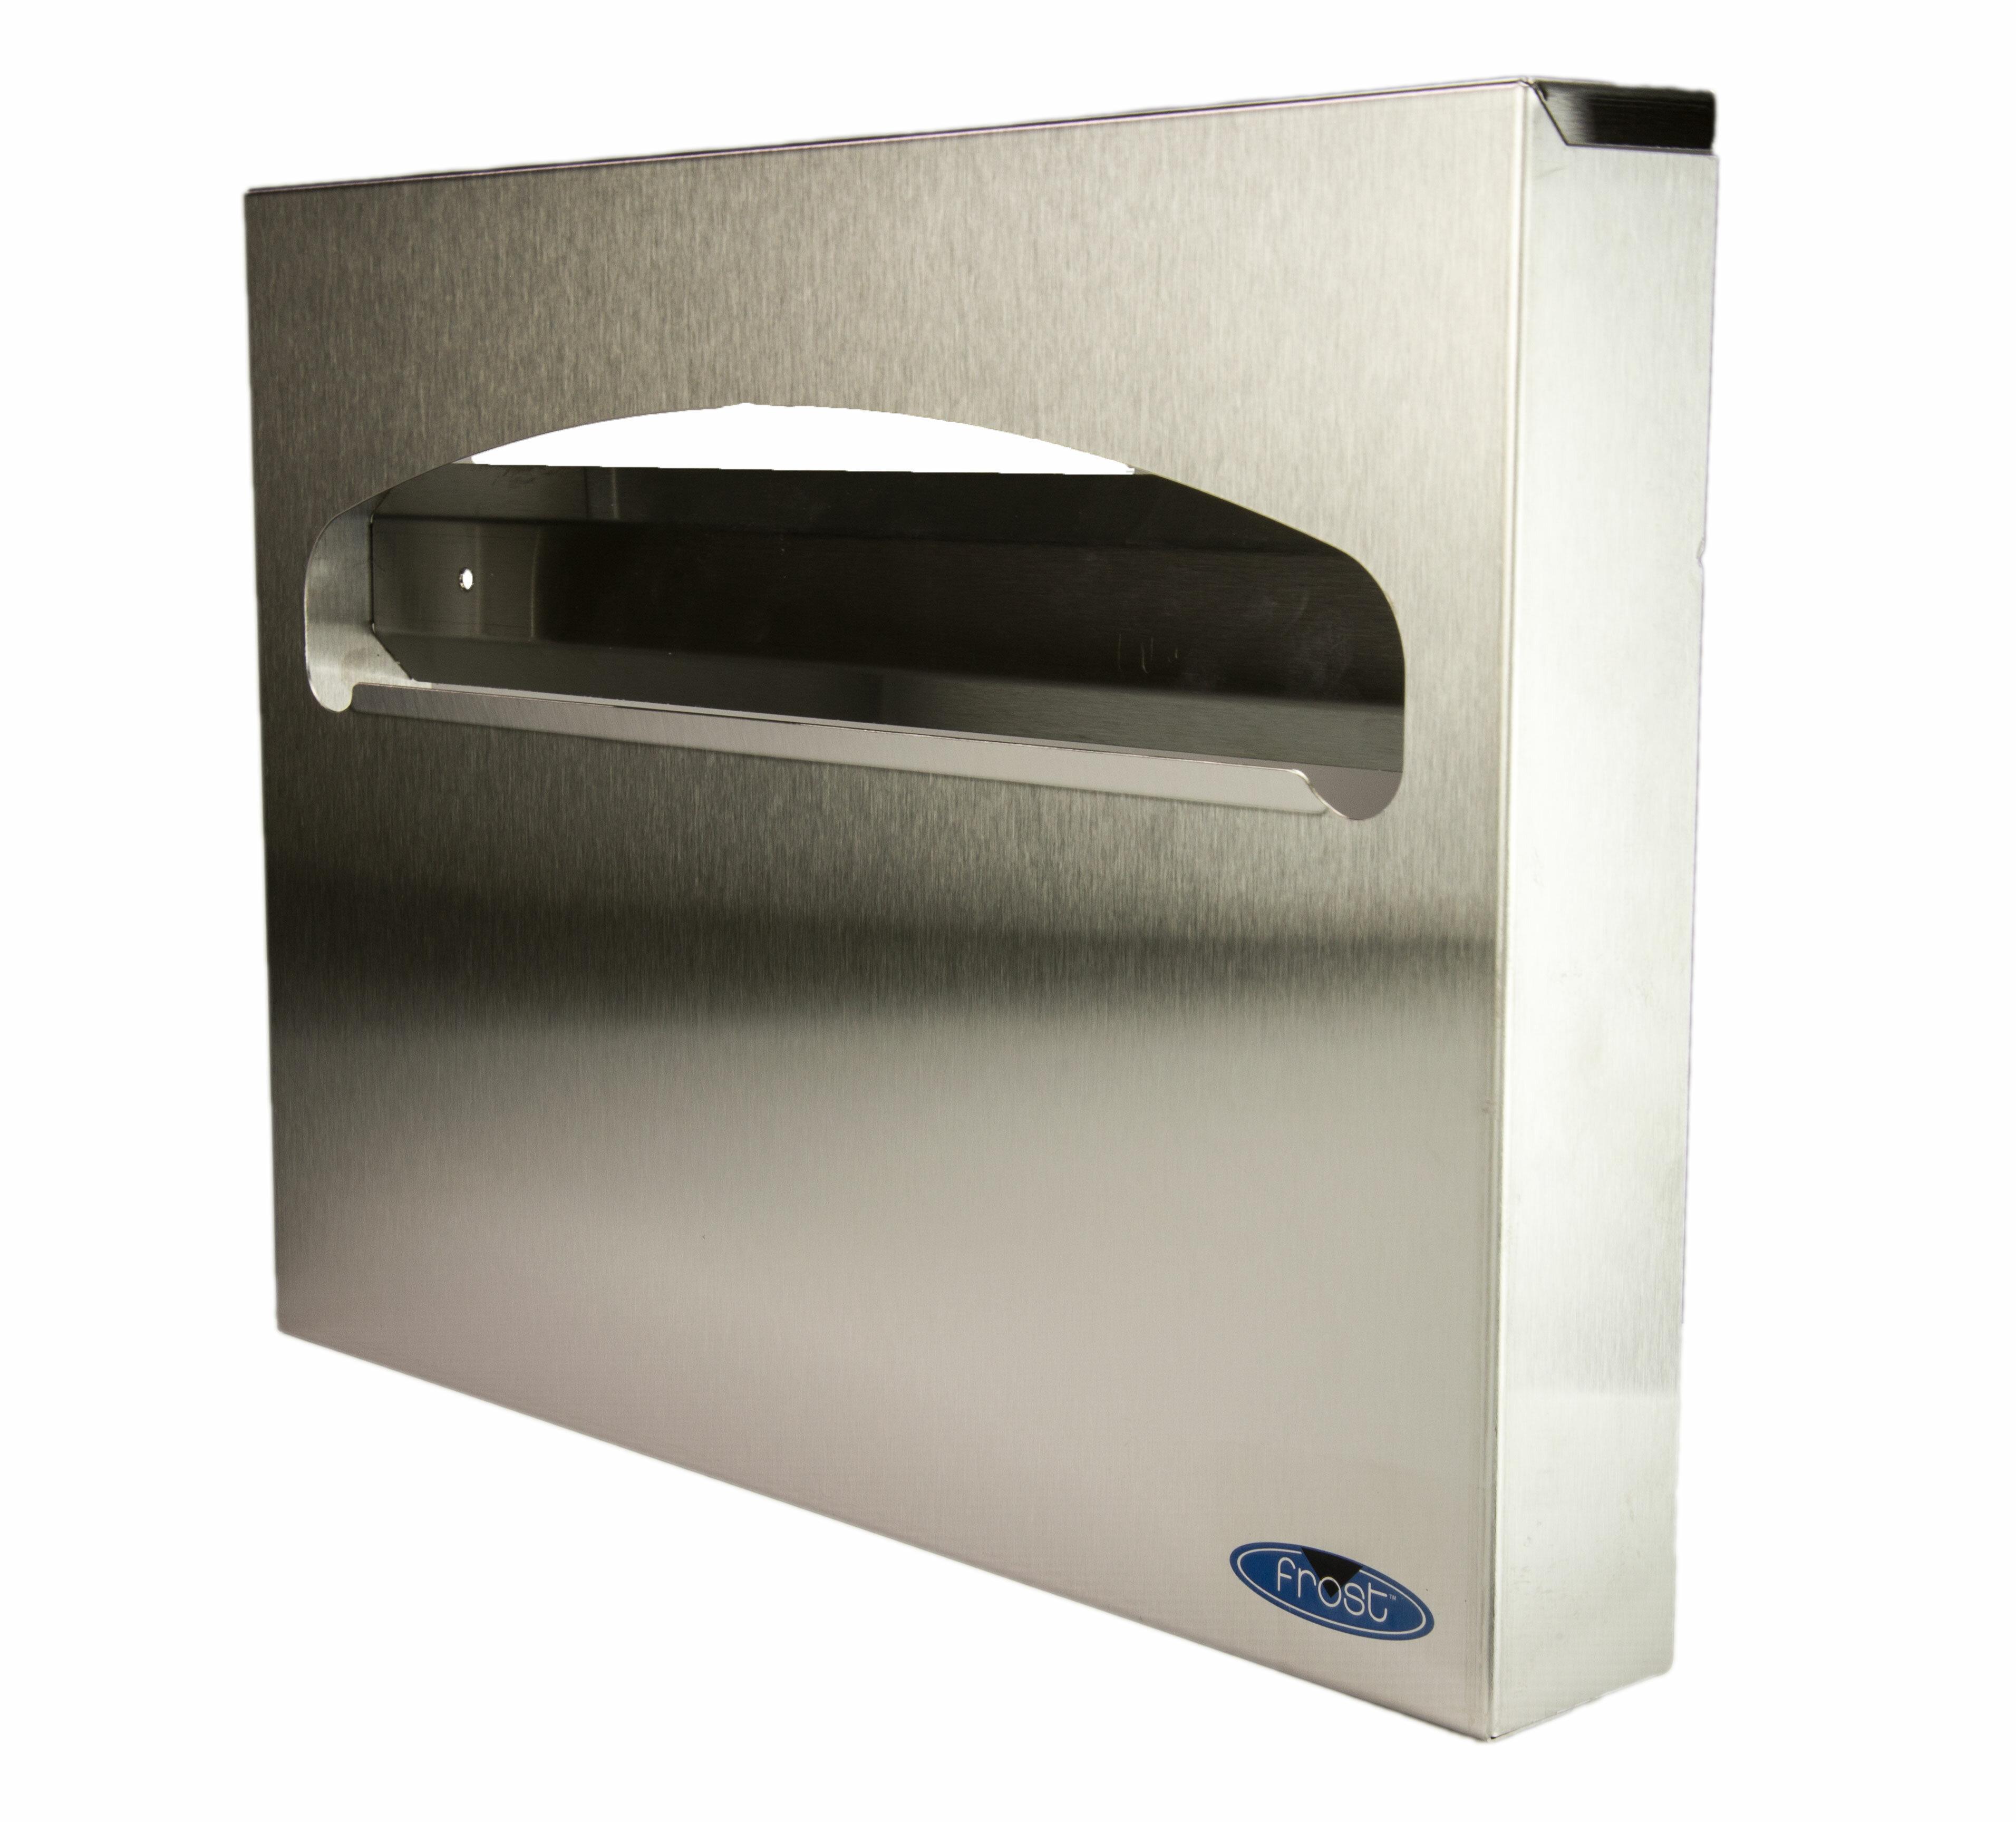 Awe Inspiring Toilet Seat Cover Dispenser Evergreenethics Interior Chair Design Evergreenethicsorg